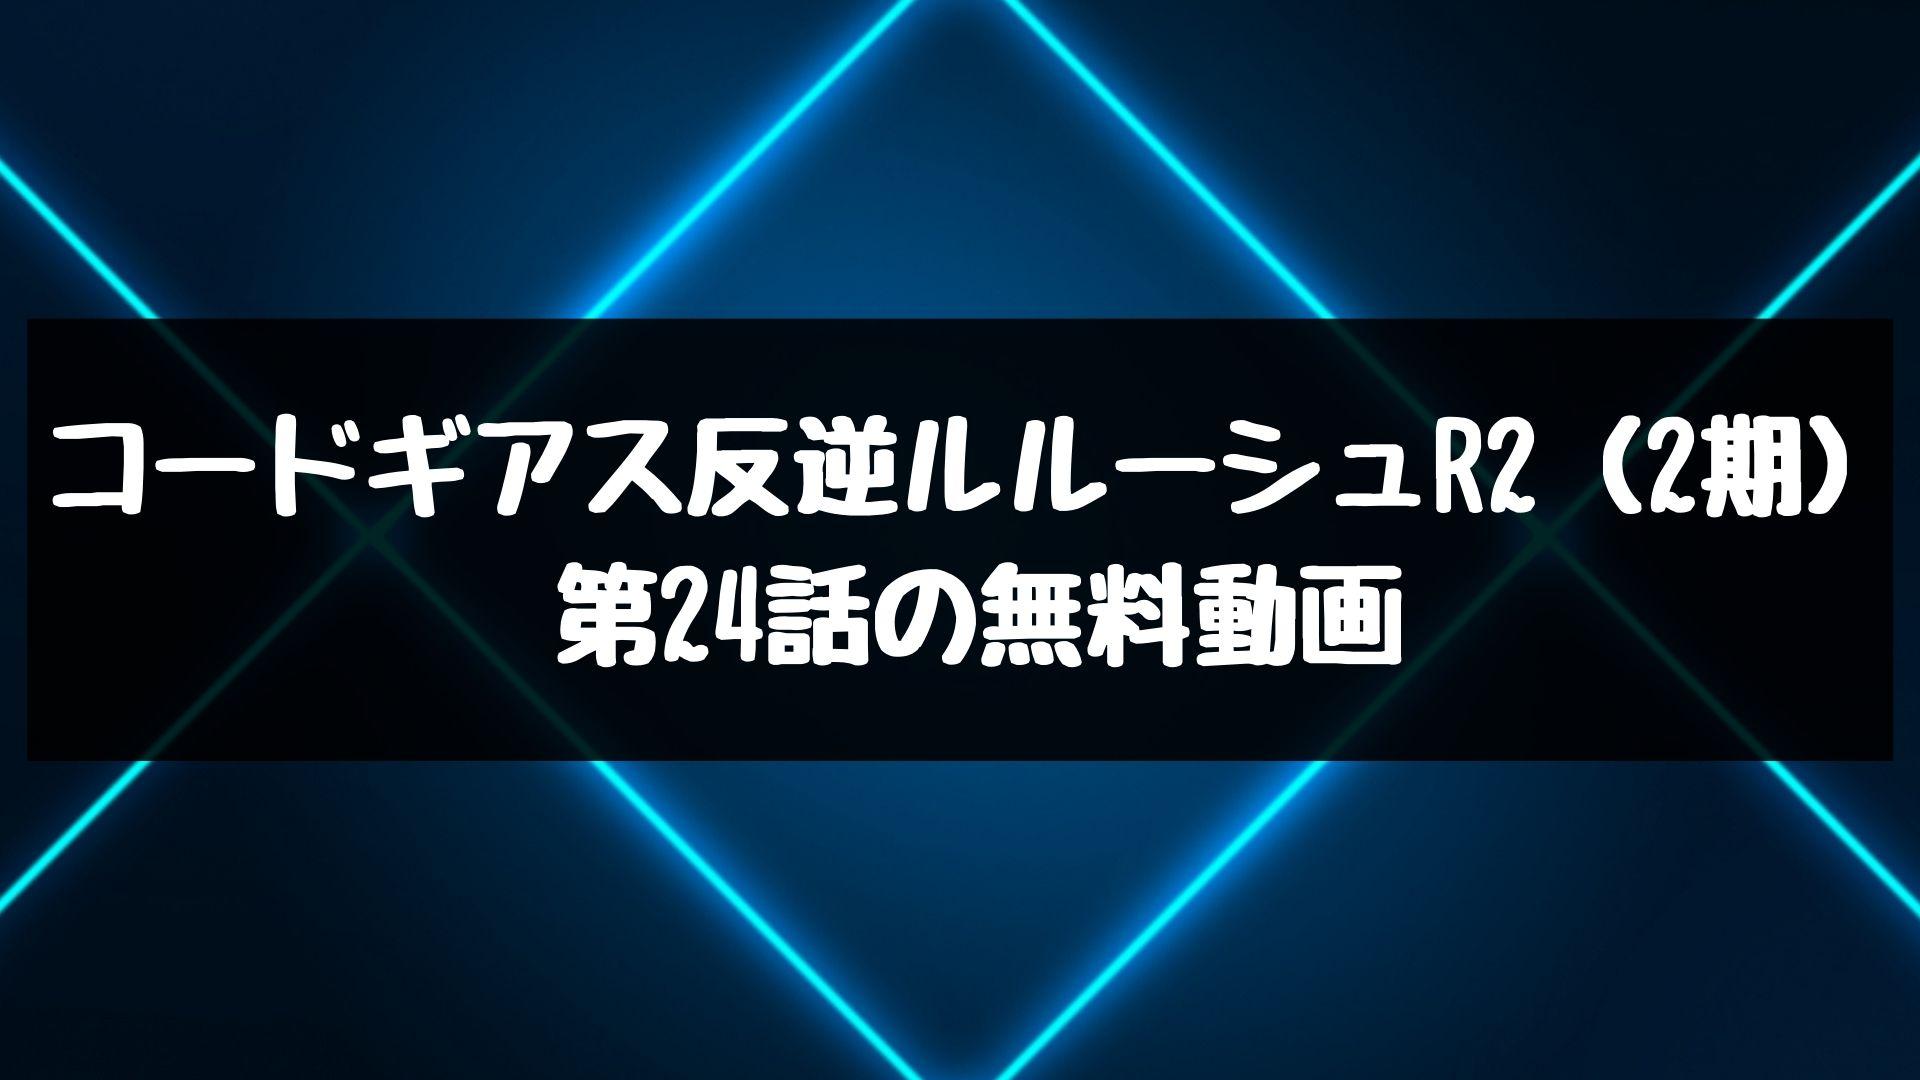 コードギアス反逆ルルーシュR2(2期) 第24話の無料動画